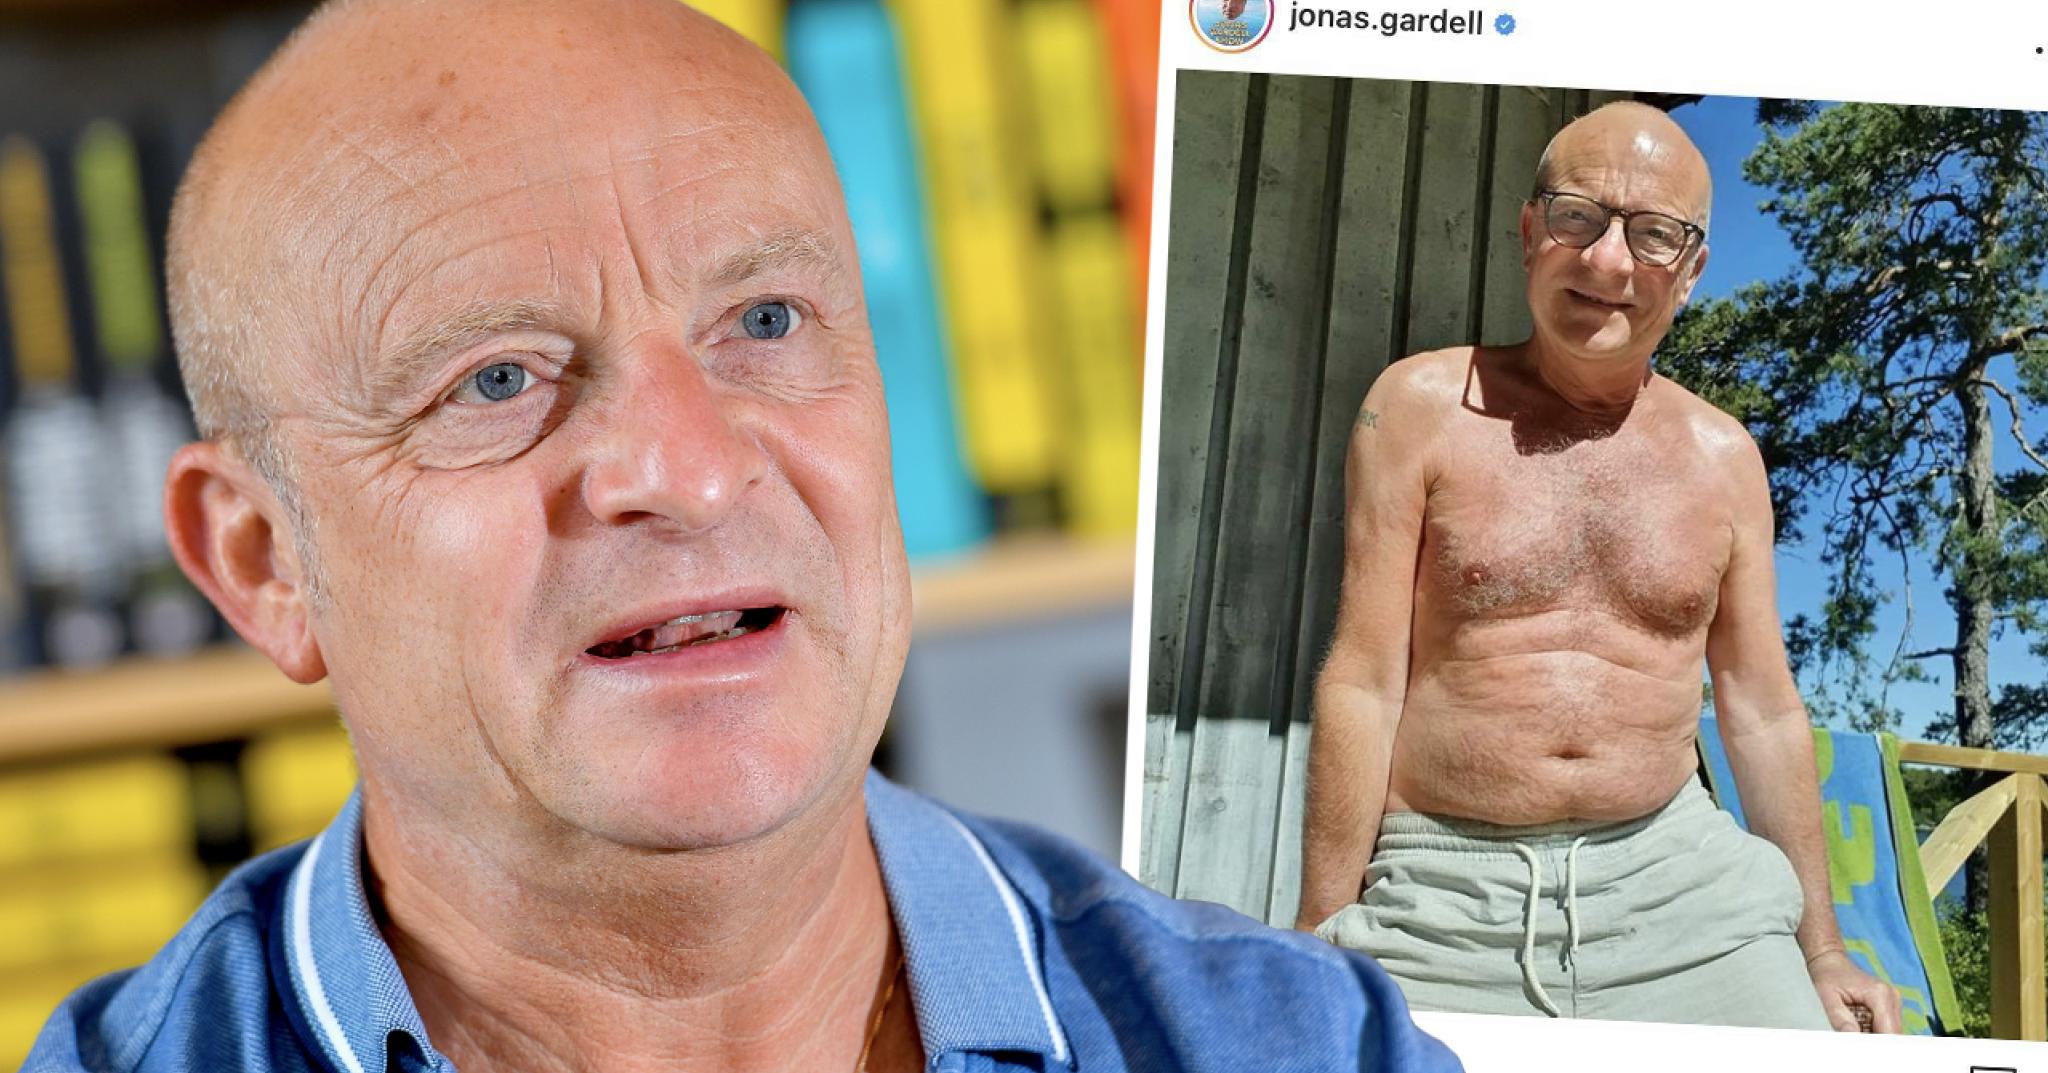 Jonas Gardells känga mot träningsprogrammet 16 weeks of hell